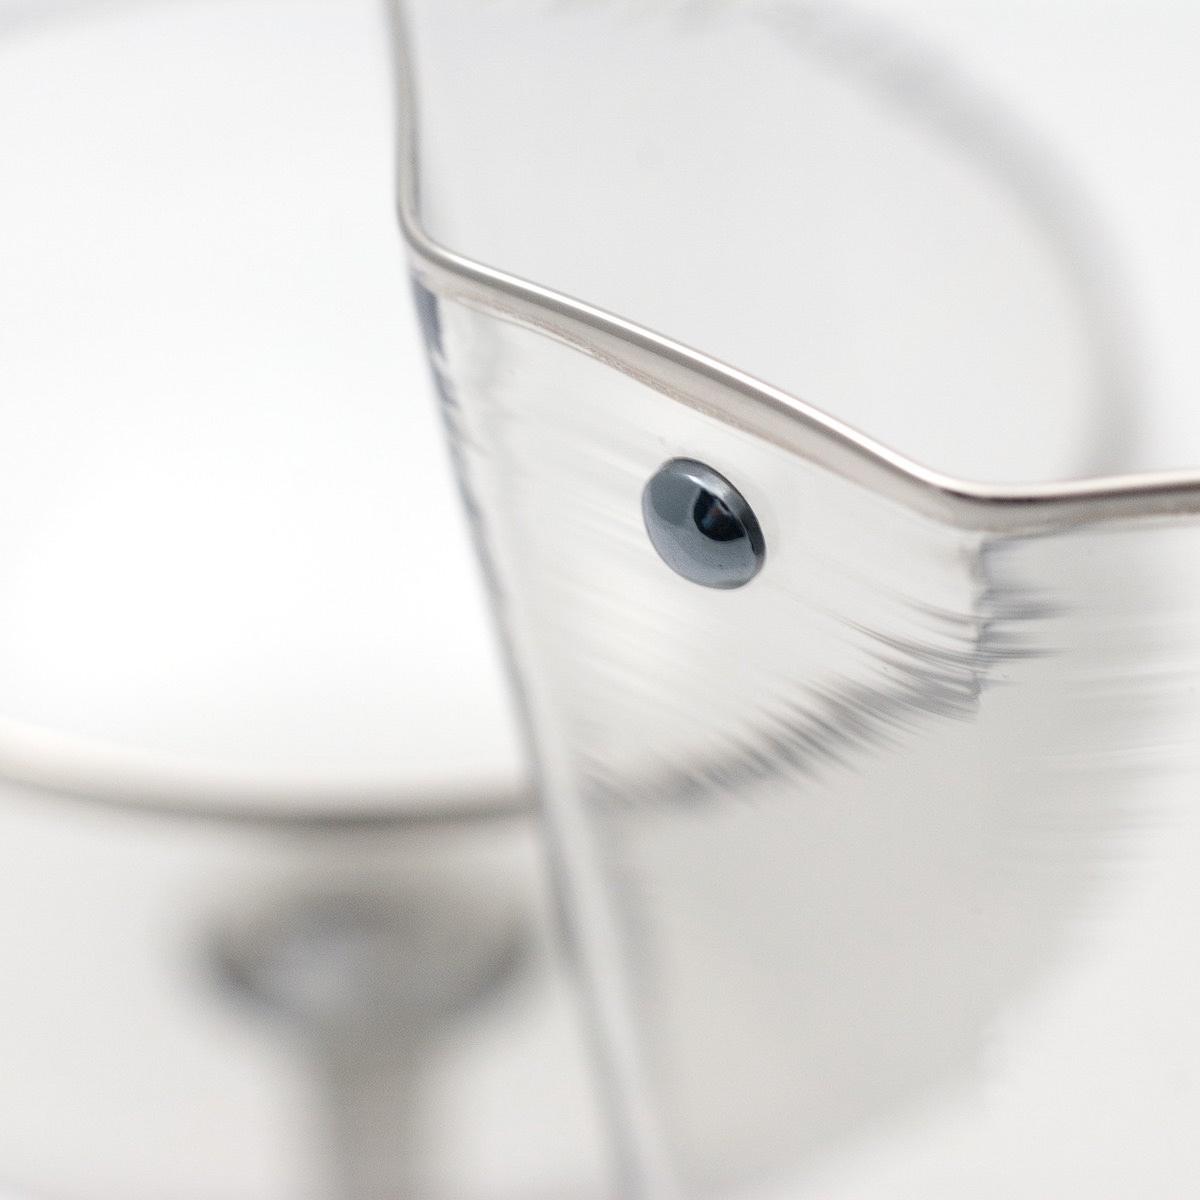 allegra-glasses-murano-venice